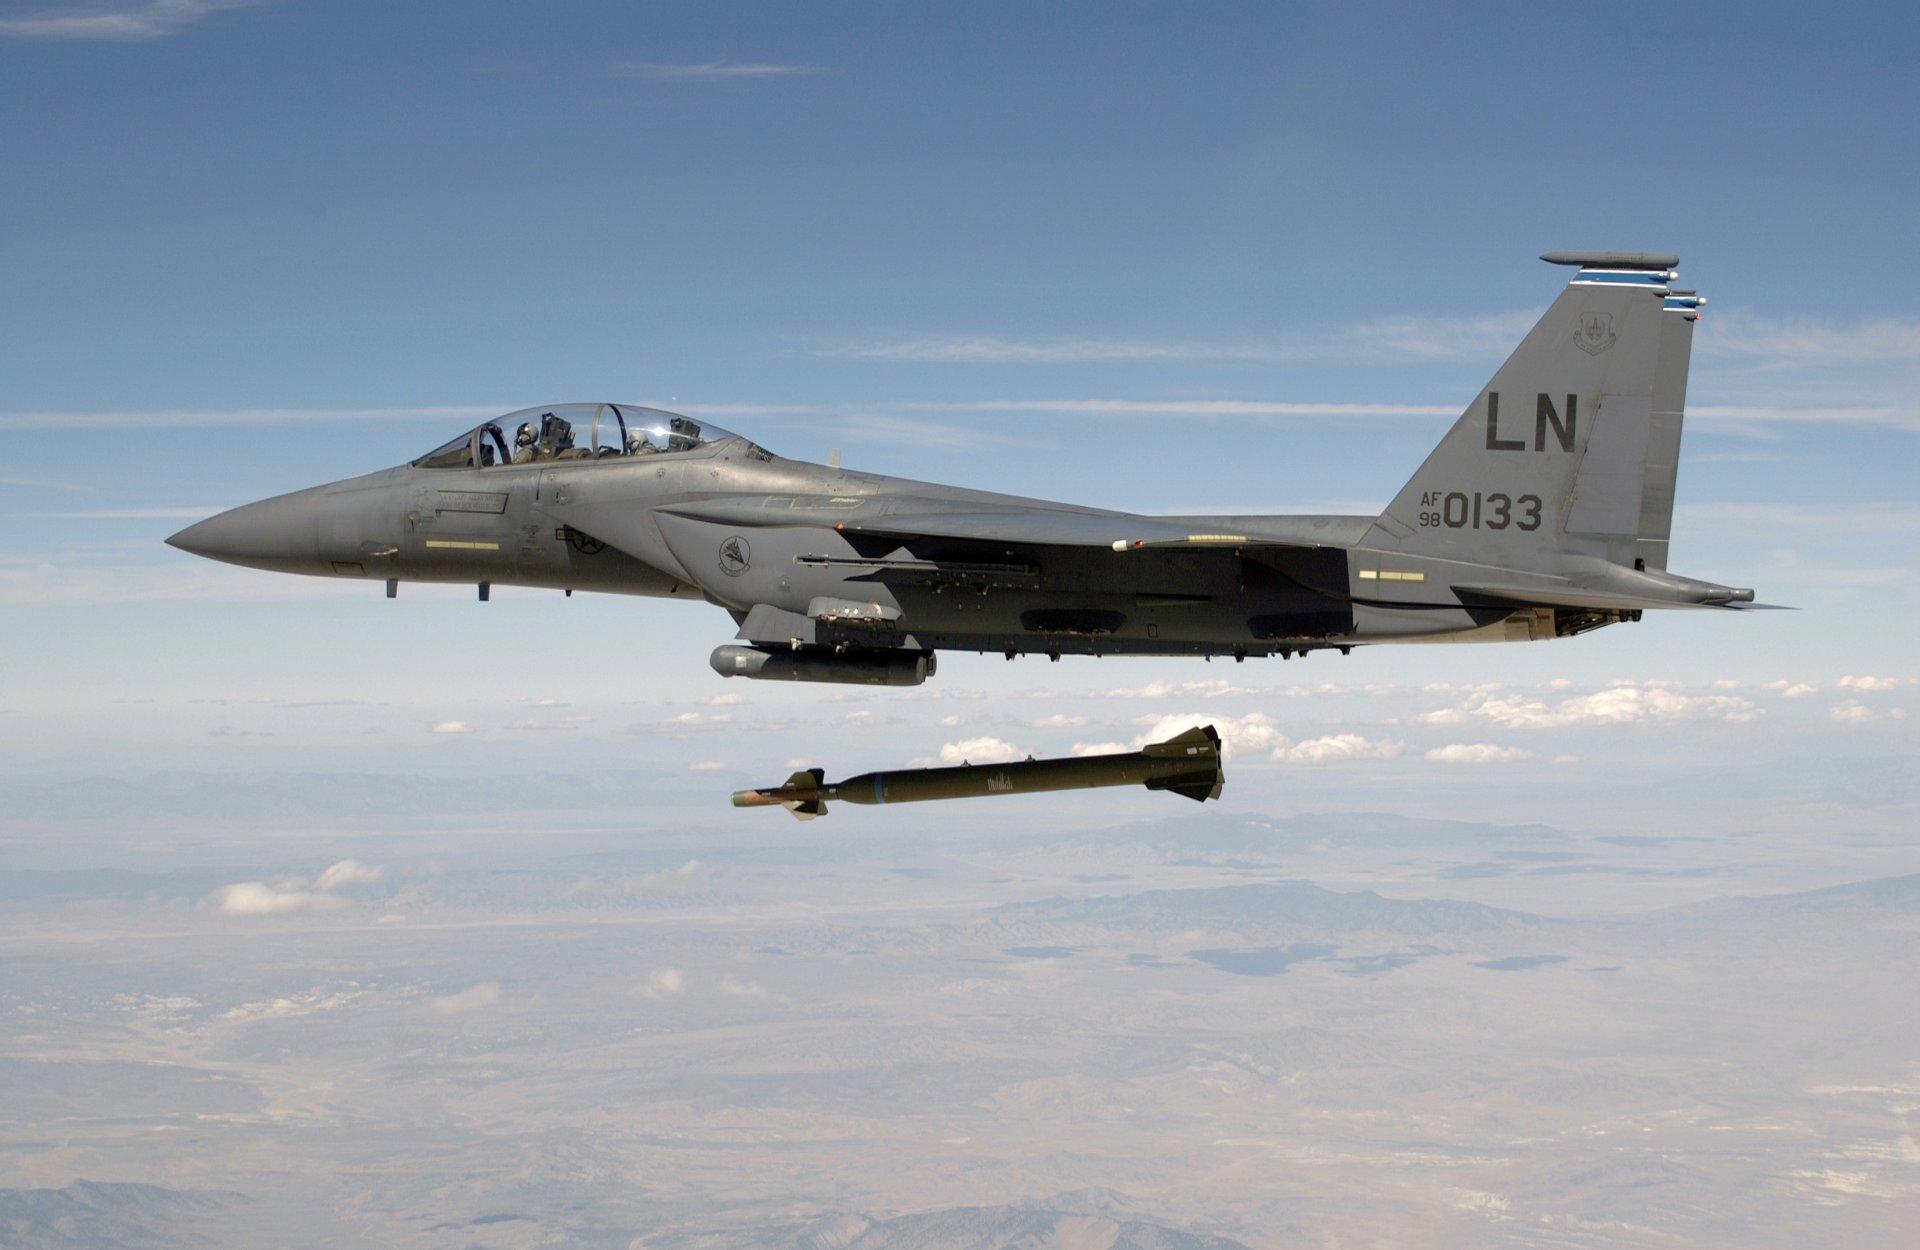 Обои земля, обои, сша, пилоты, Ракета, бомба, кабина, Самолёт, ввс. Авиация foto 6